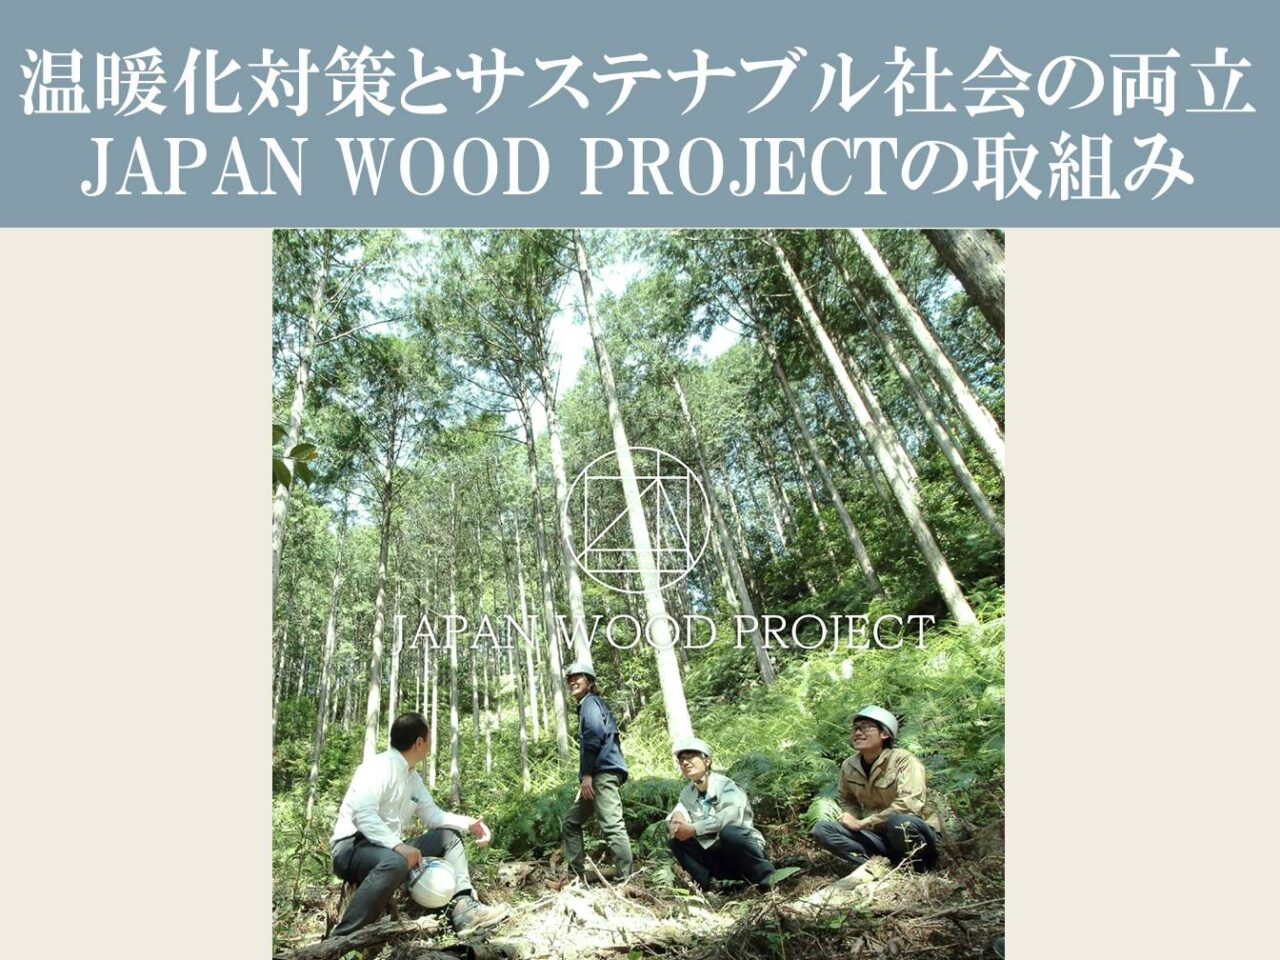 温暖化対策とサステナブル社会の両立 JAPAN WOOD PROJECTの取組み